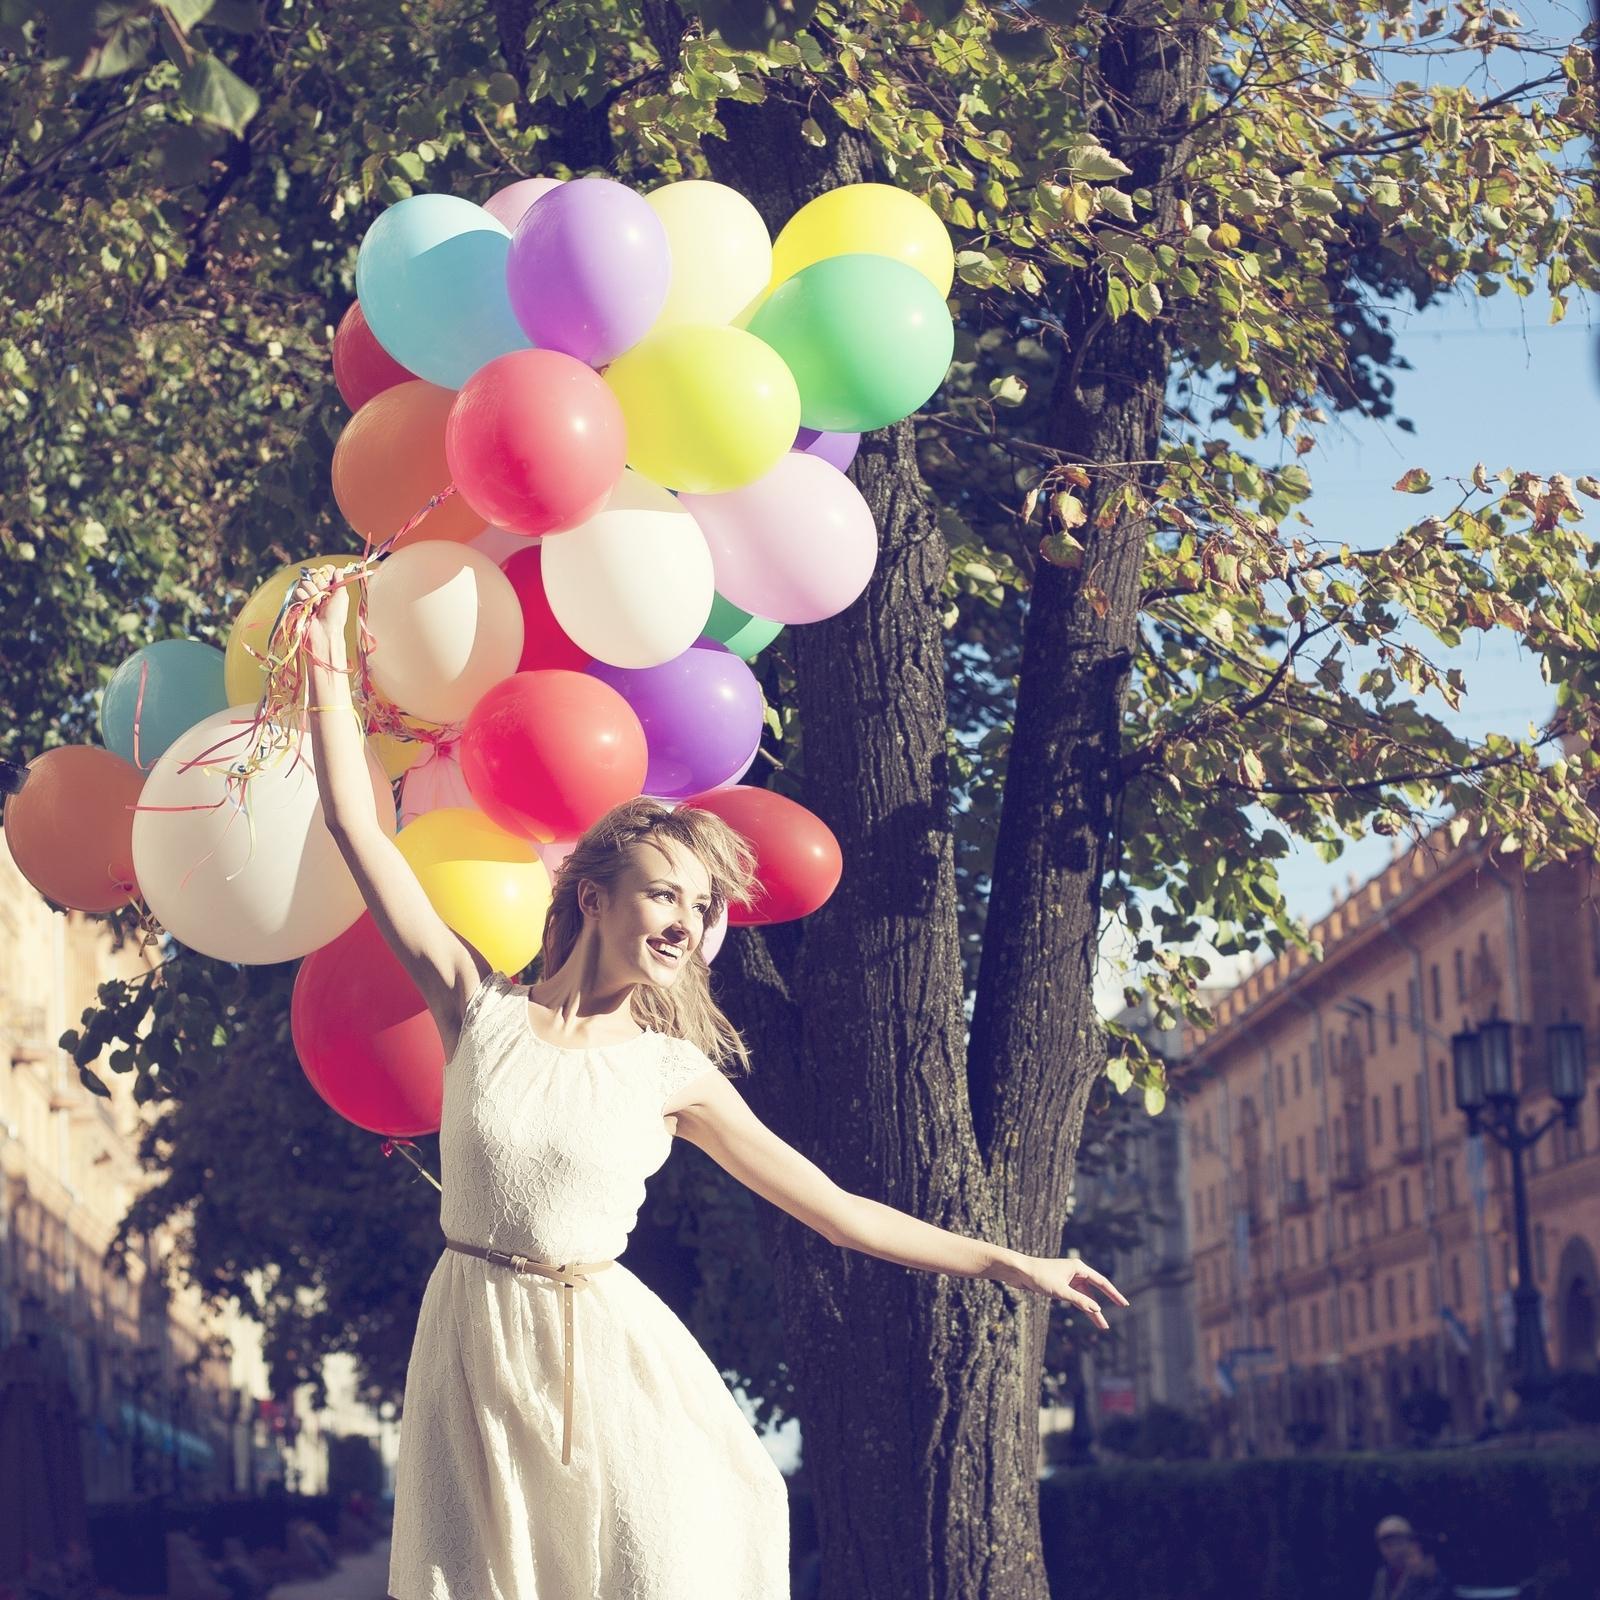 как красиво сфотографироваться с воздушными шарами залить фундамент маленьком